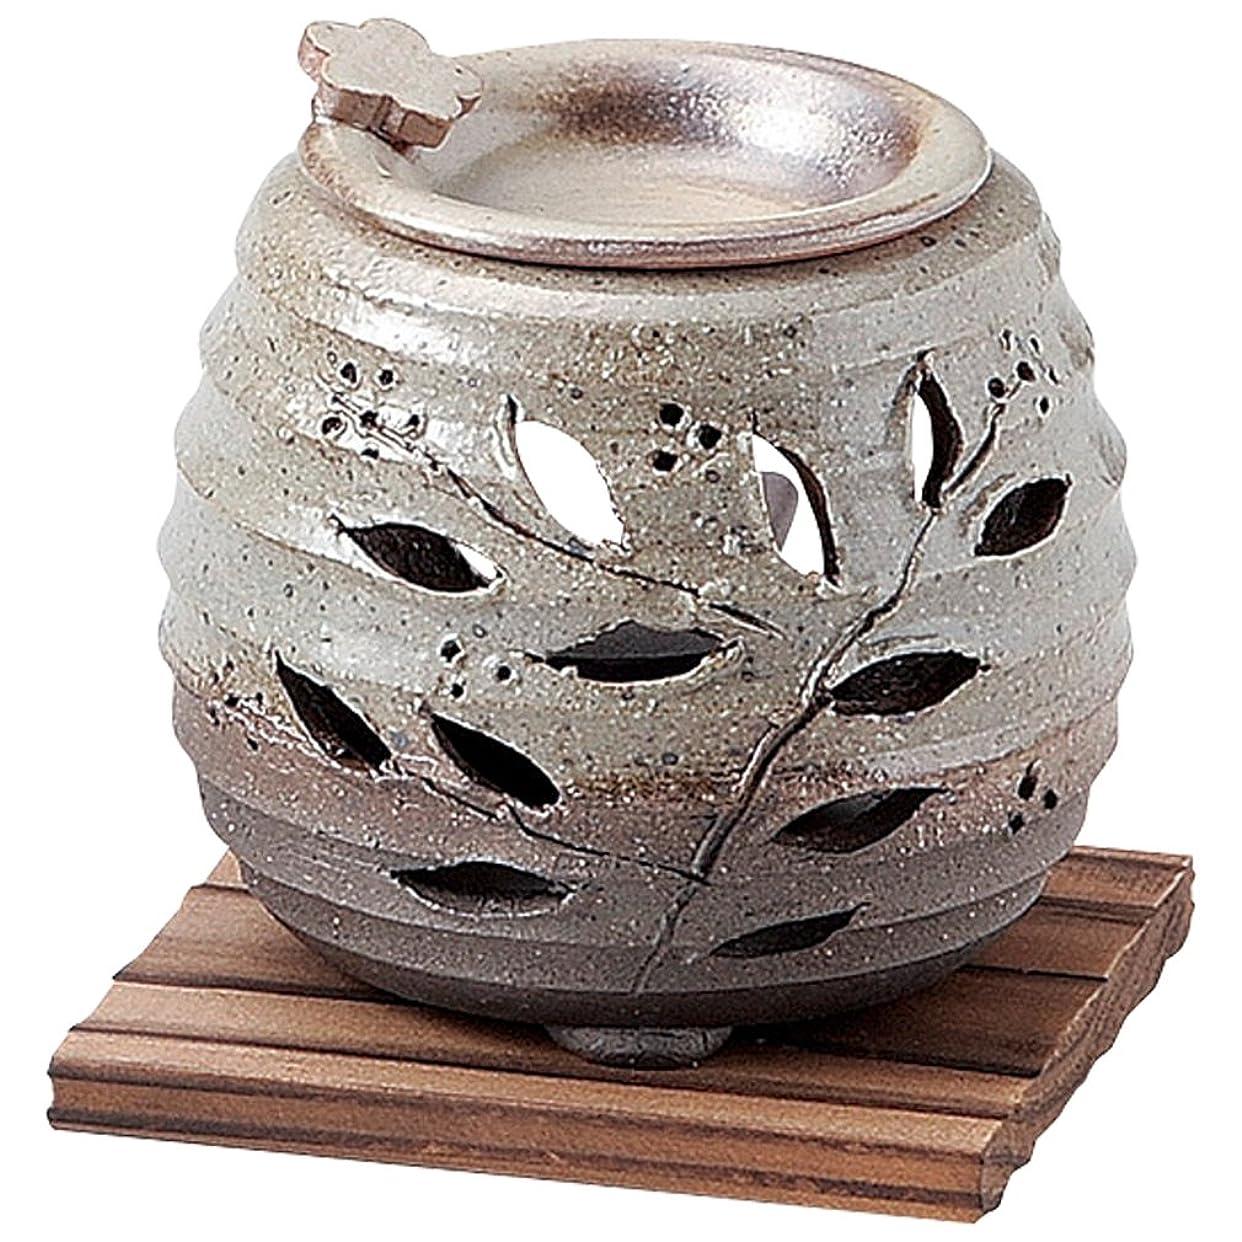 人間プレミアムプラスチック山下工芸 常滑焼 石龍緑灰釉花茶香炉 板付 10.5×11×11cm 13045750